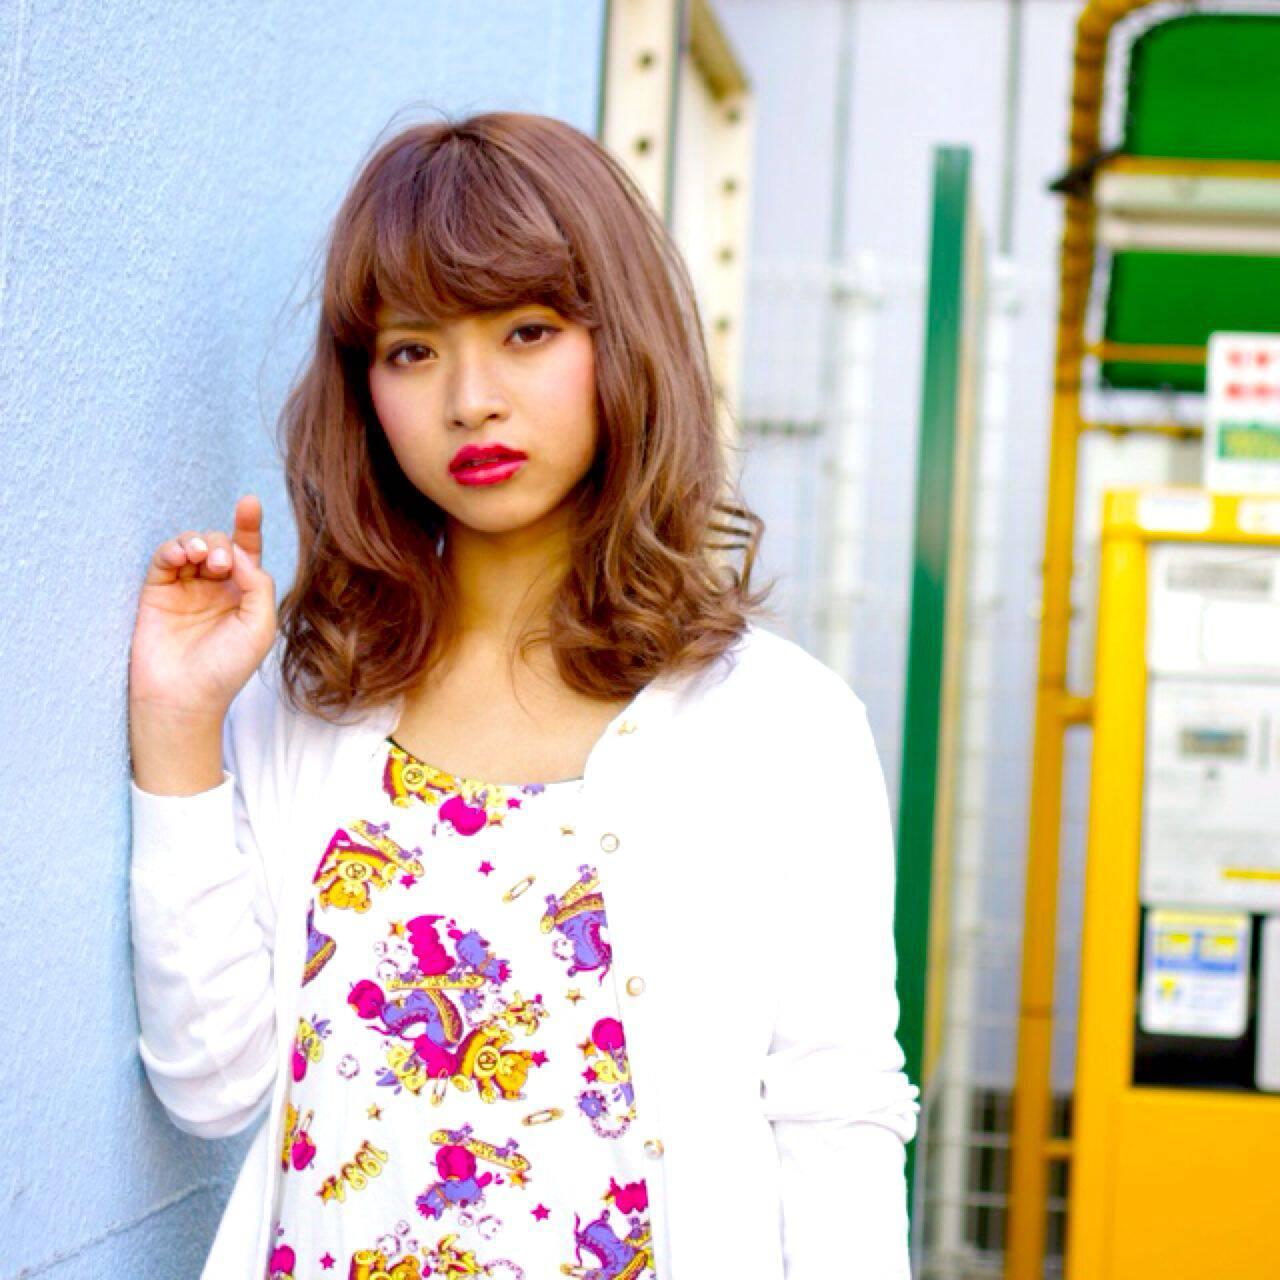 ミディアム ストリート 外国人風 オン眉ヘアスタイルや髪型の写真・画像